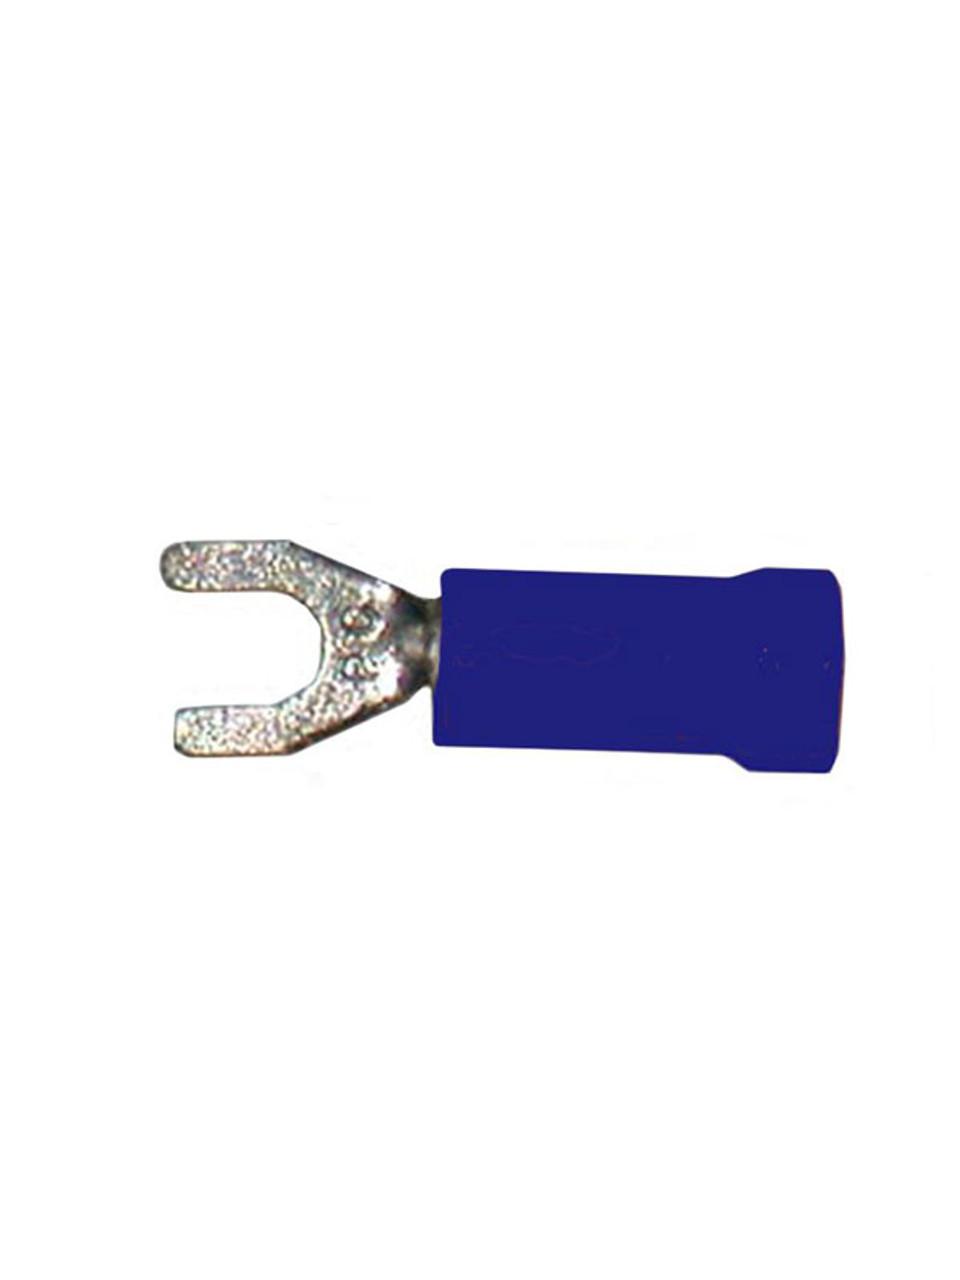 BS-10 --- Blue Spade # 10 Terminal